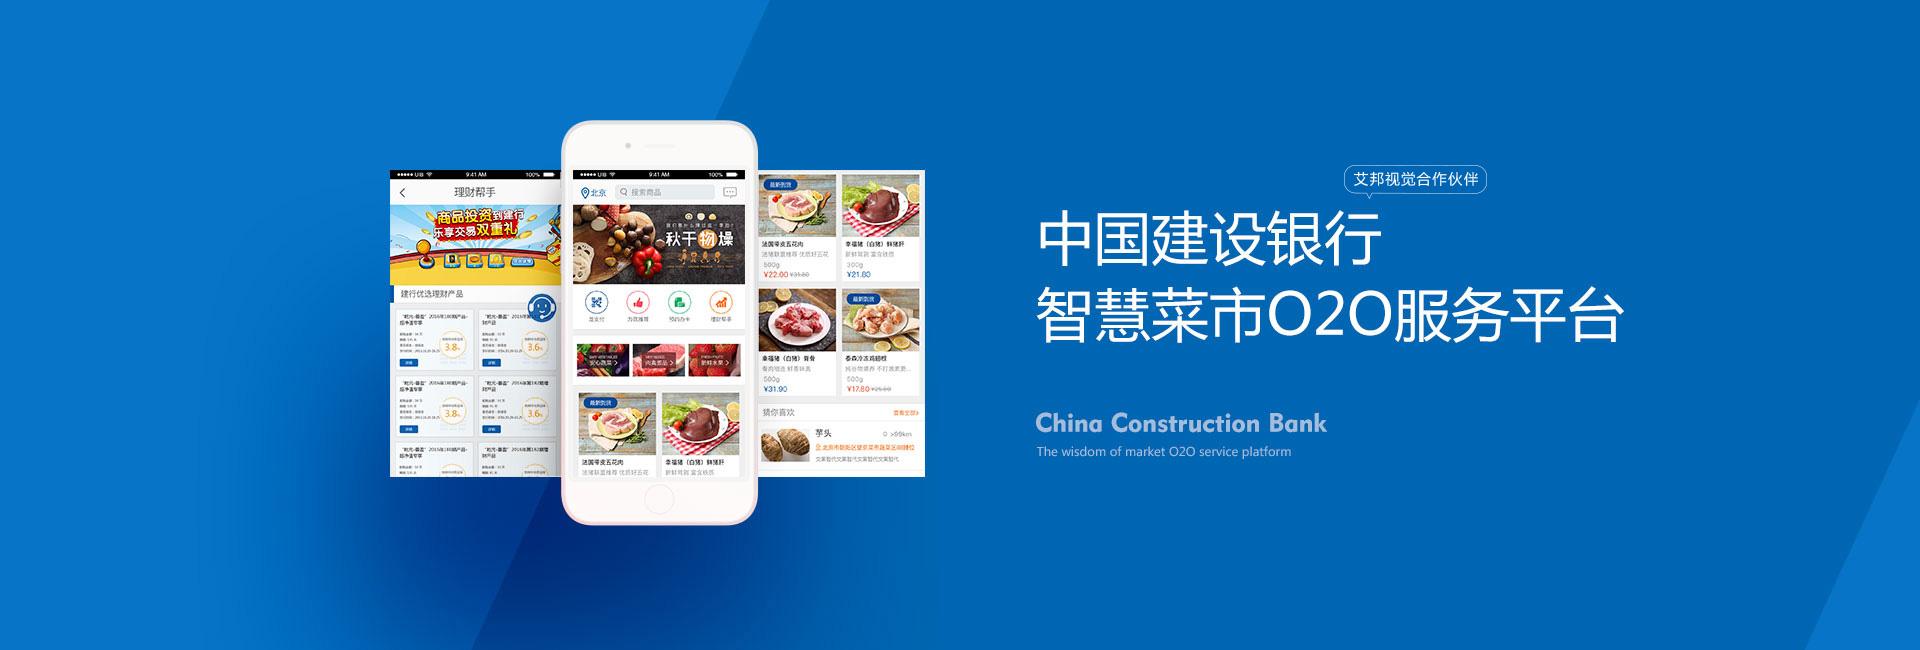 中國建設銀行智慧菜市O2O平臺建設